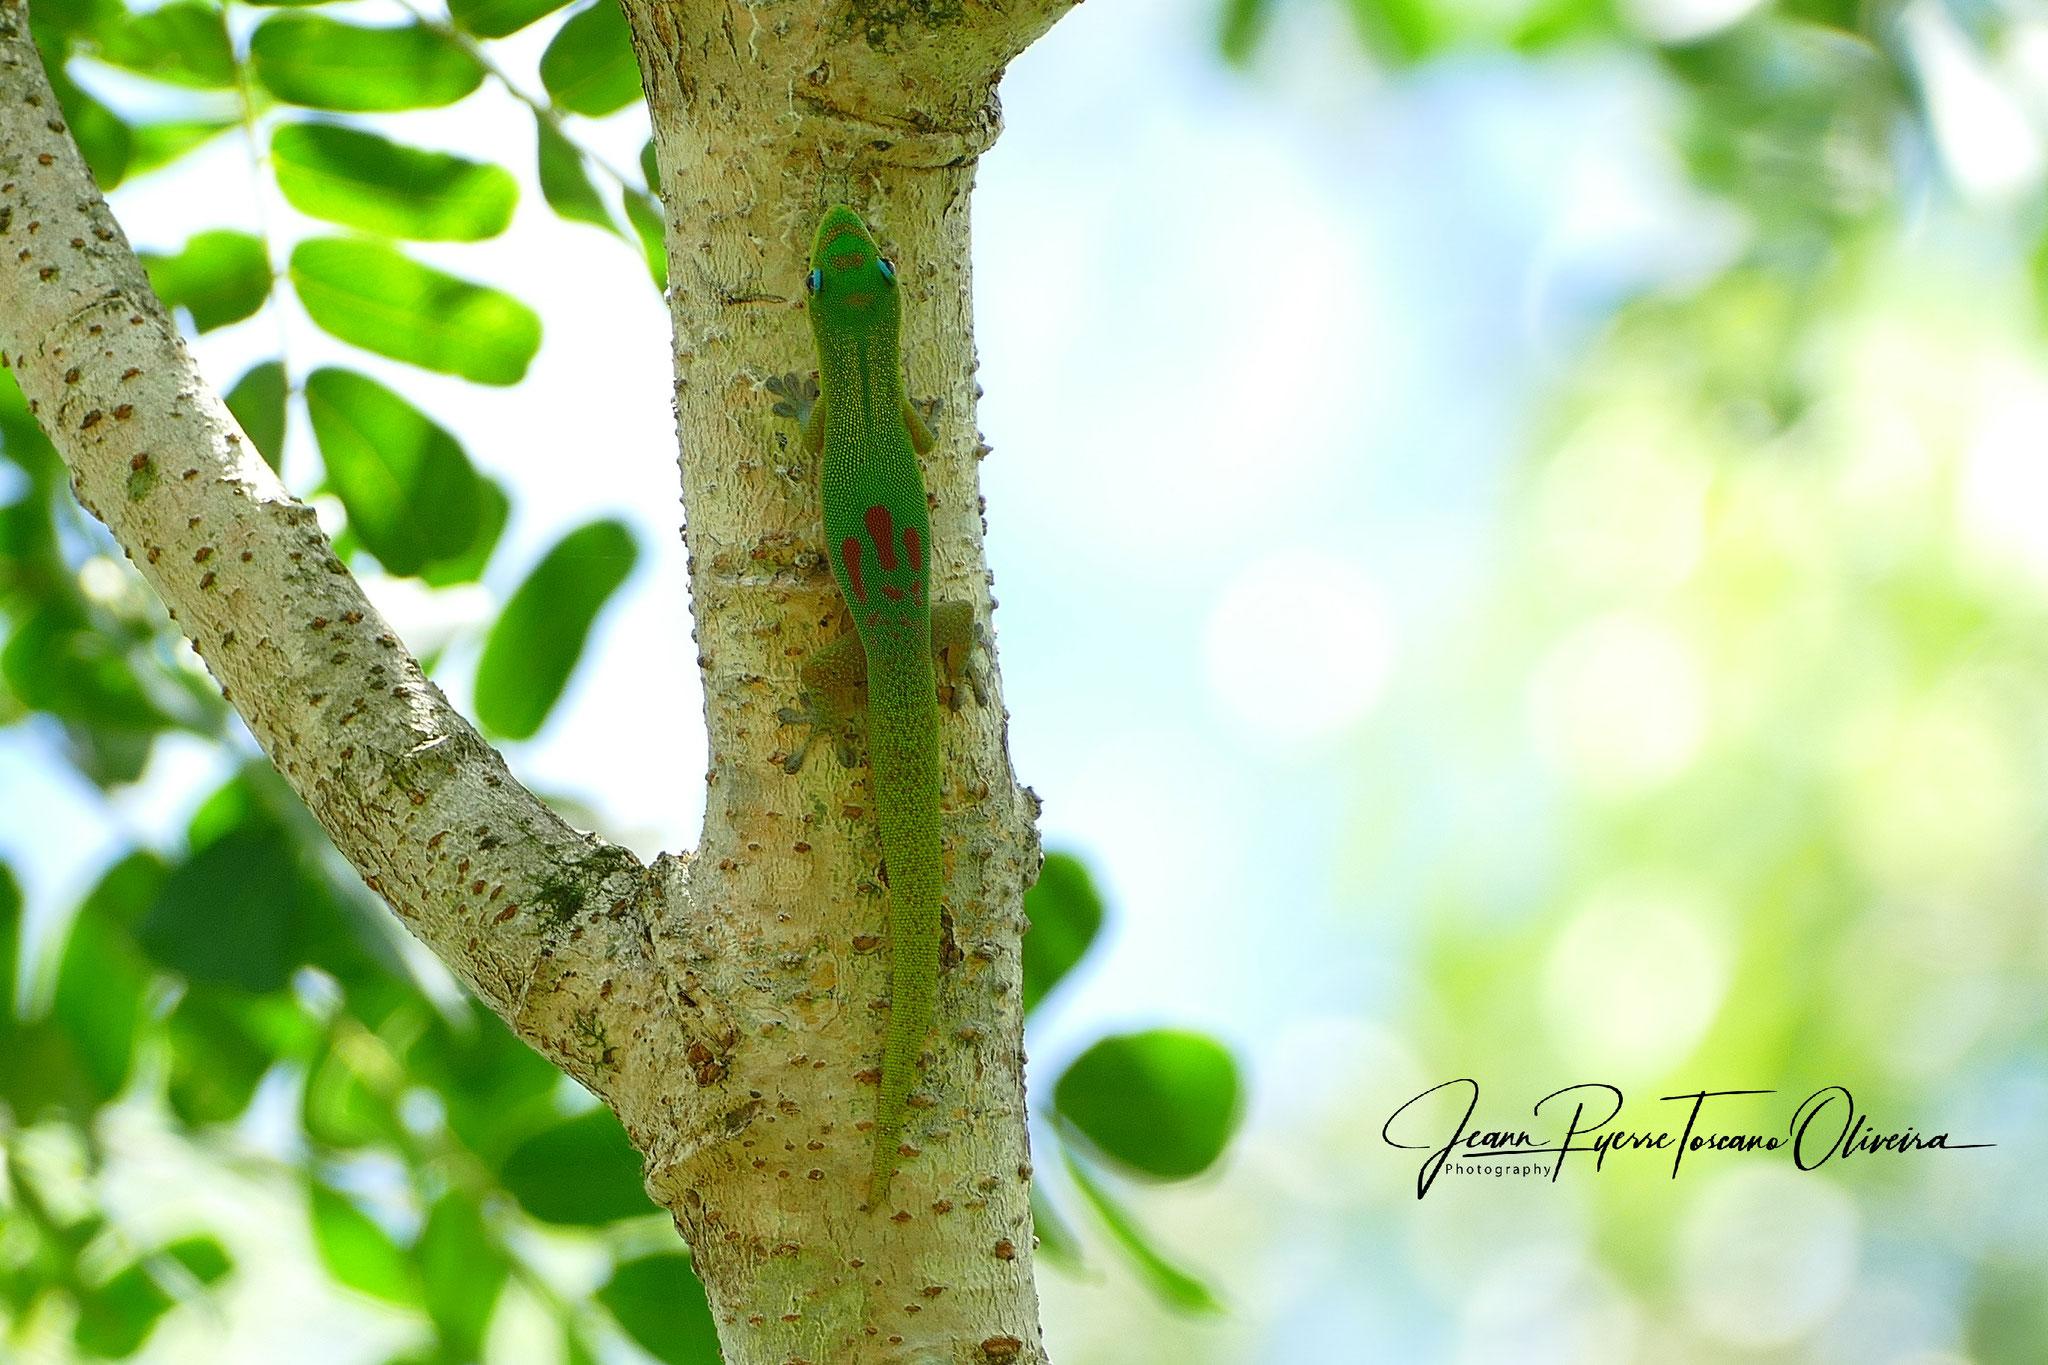 Phelsuma l. laticauda